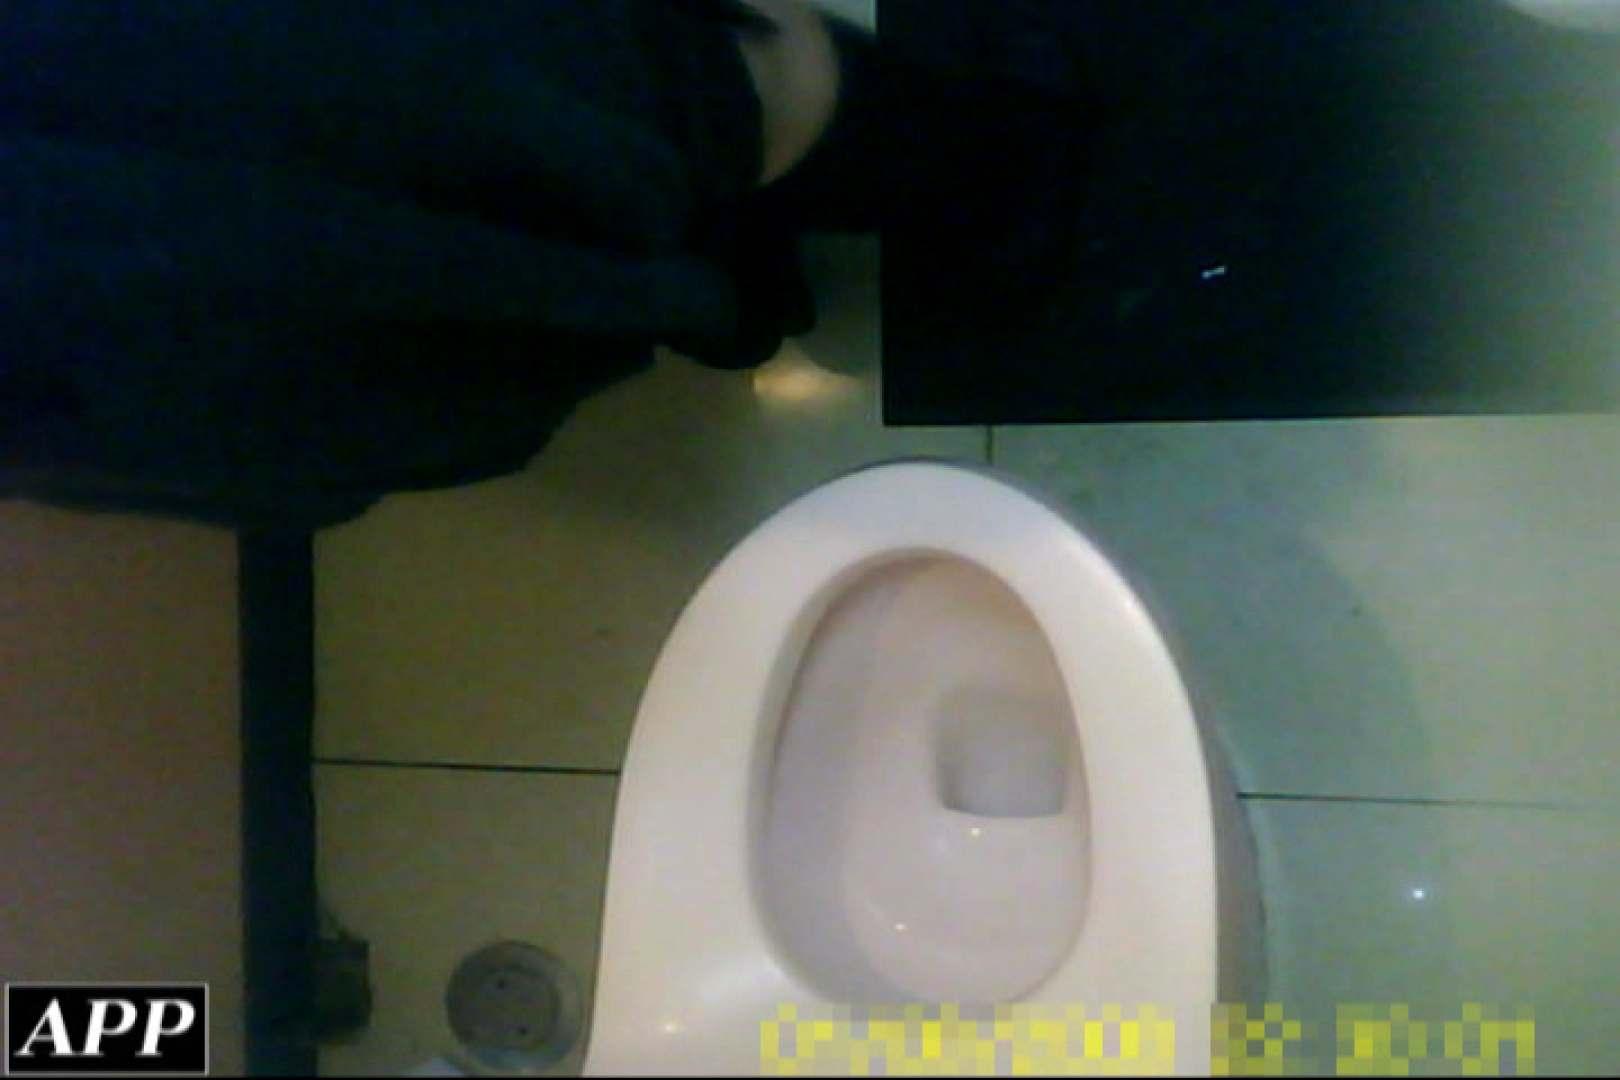 3視点洗面所 vol.83 マンコ・ムレムレ | 洗面所突入  106pic 67